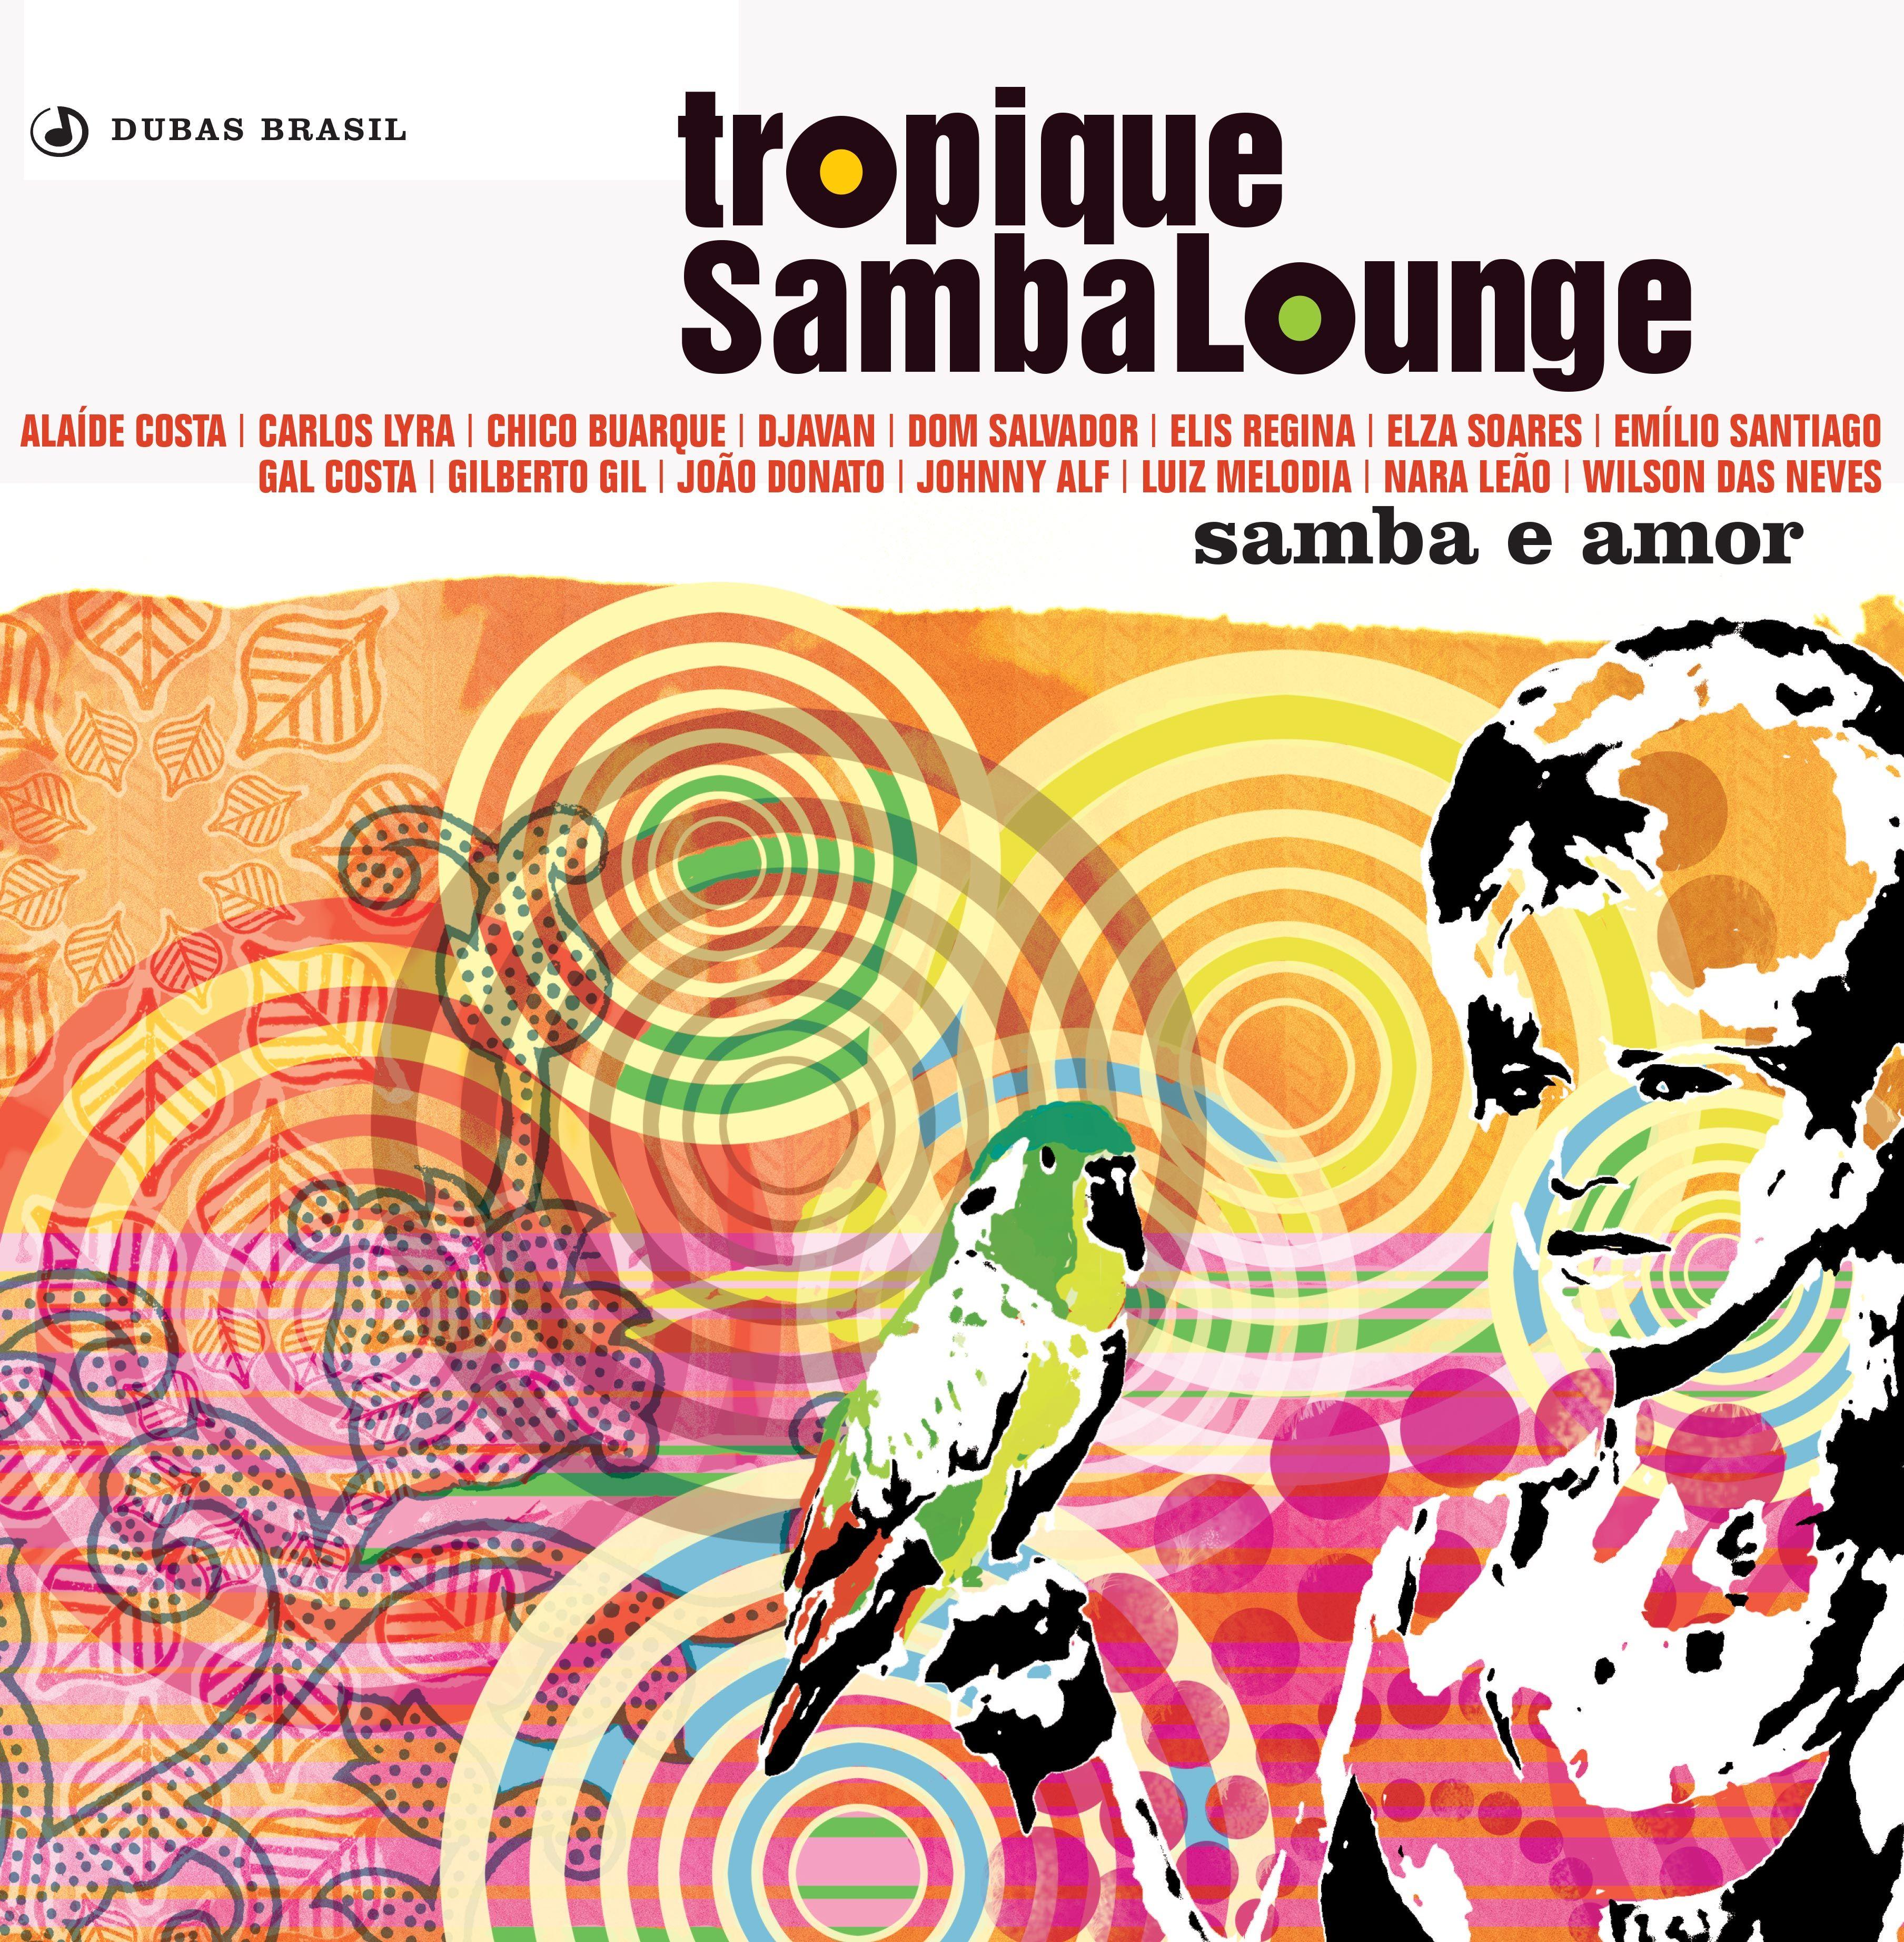 Lançado em 2003, a capa do disco Samba e Amor mantém a essência tropical da coleção, através das cores, flores, feminilidade e...do papagaio.